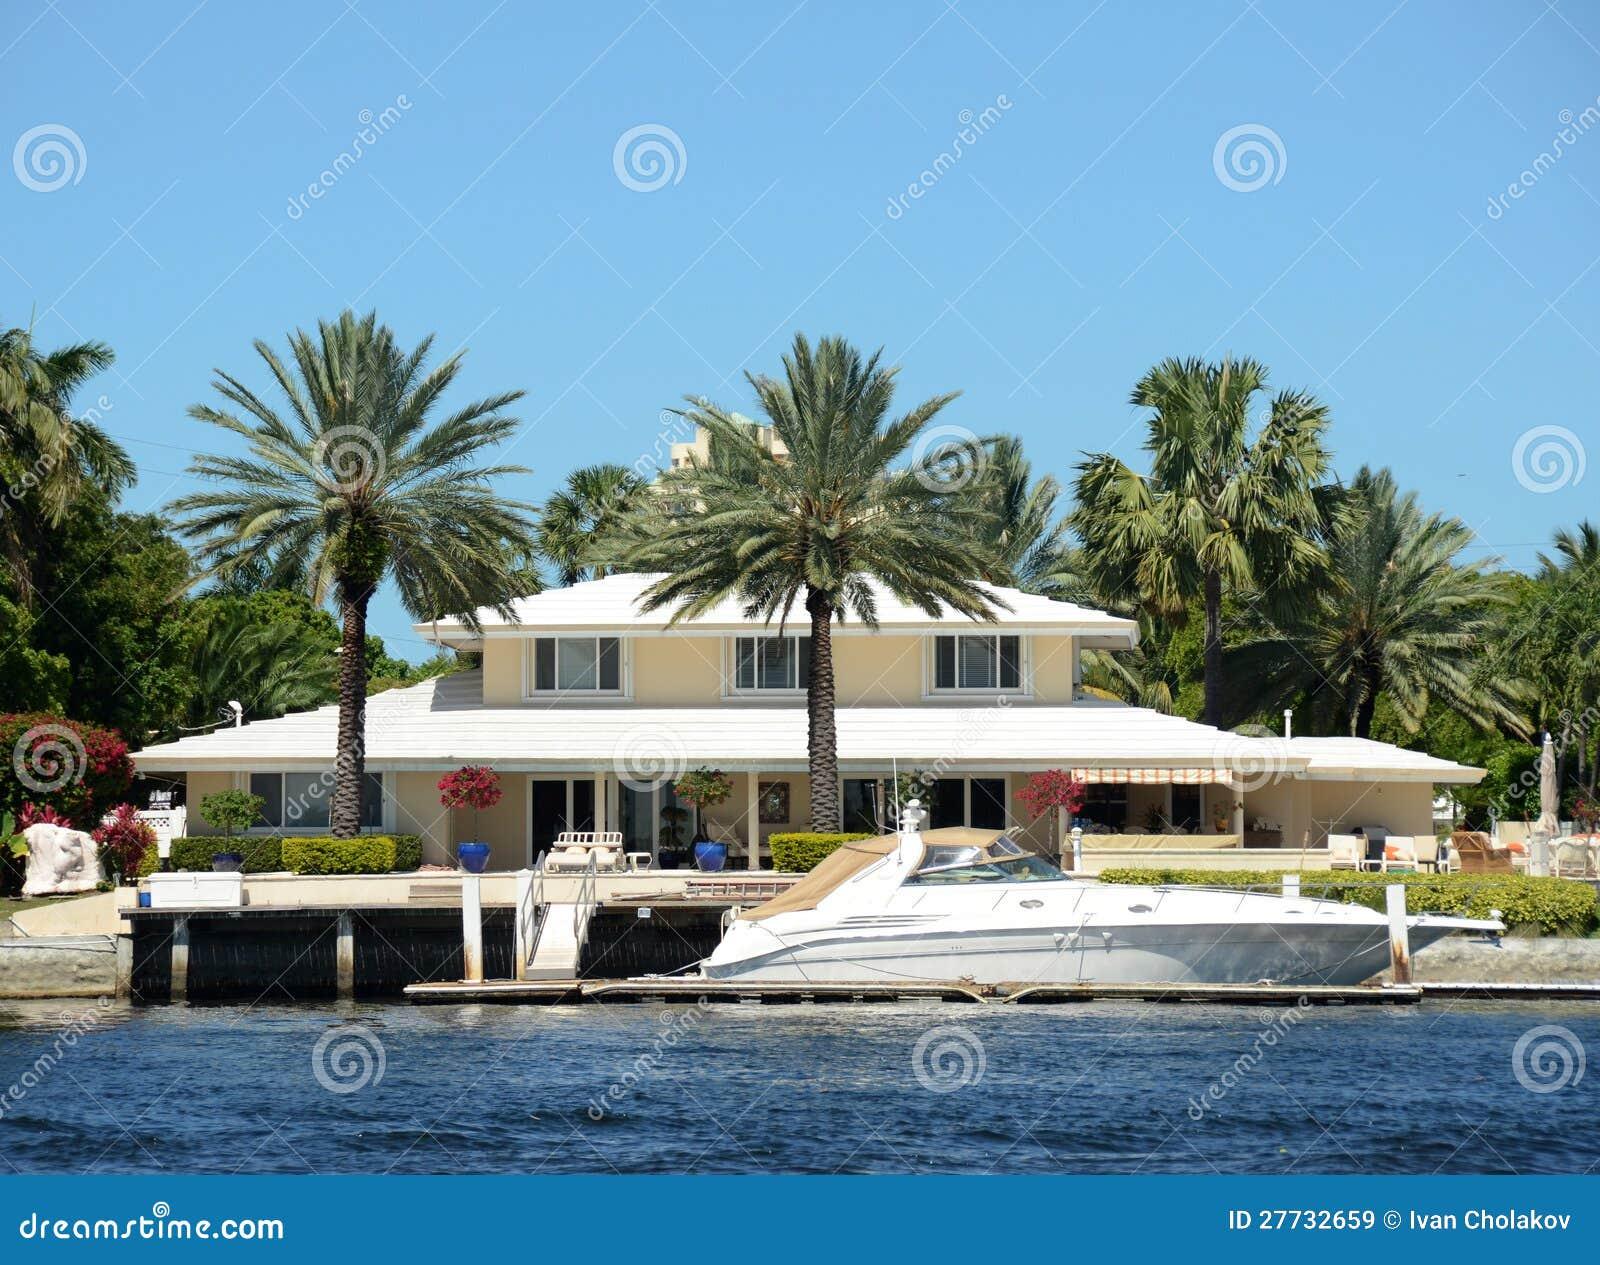 Maison de luxe de bord de mer images libres de droits image 27732659 - Maison au bord de la mer ...